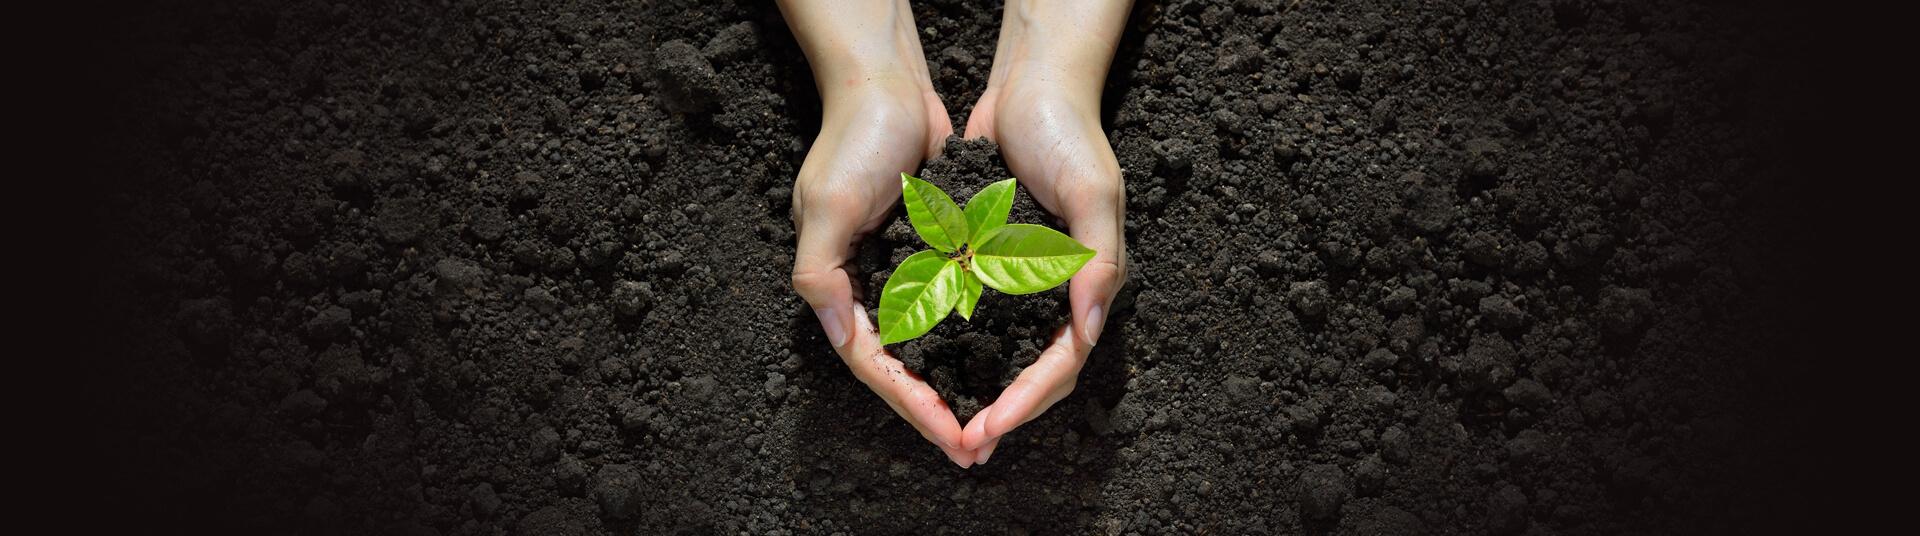 Buy a Printer, Plant a Tree